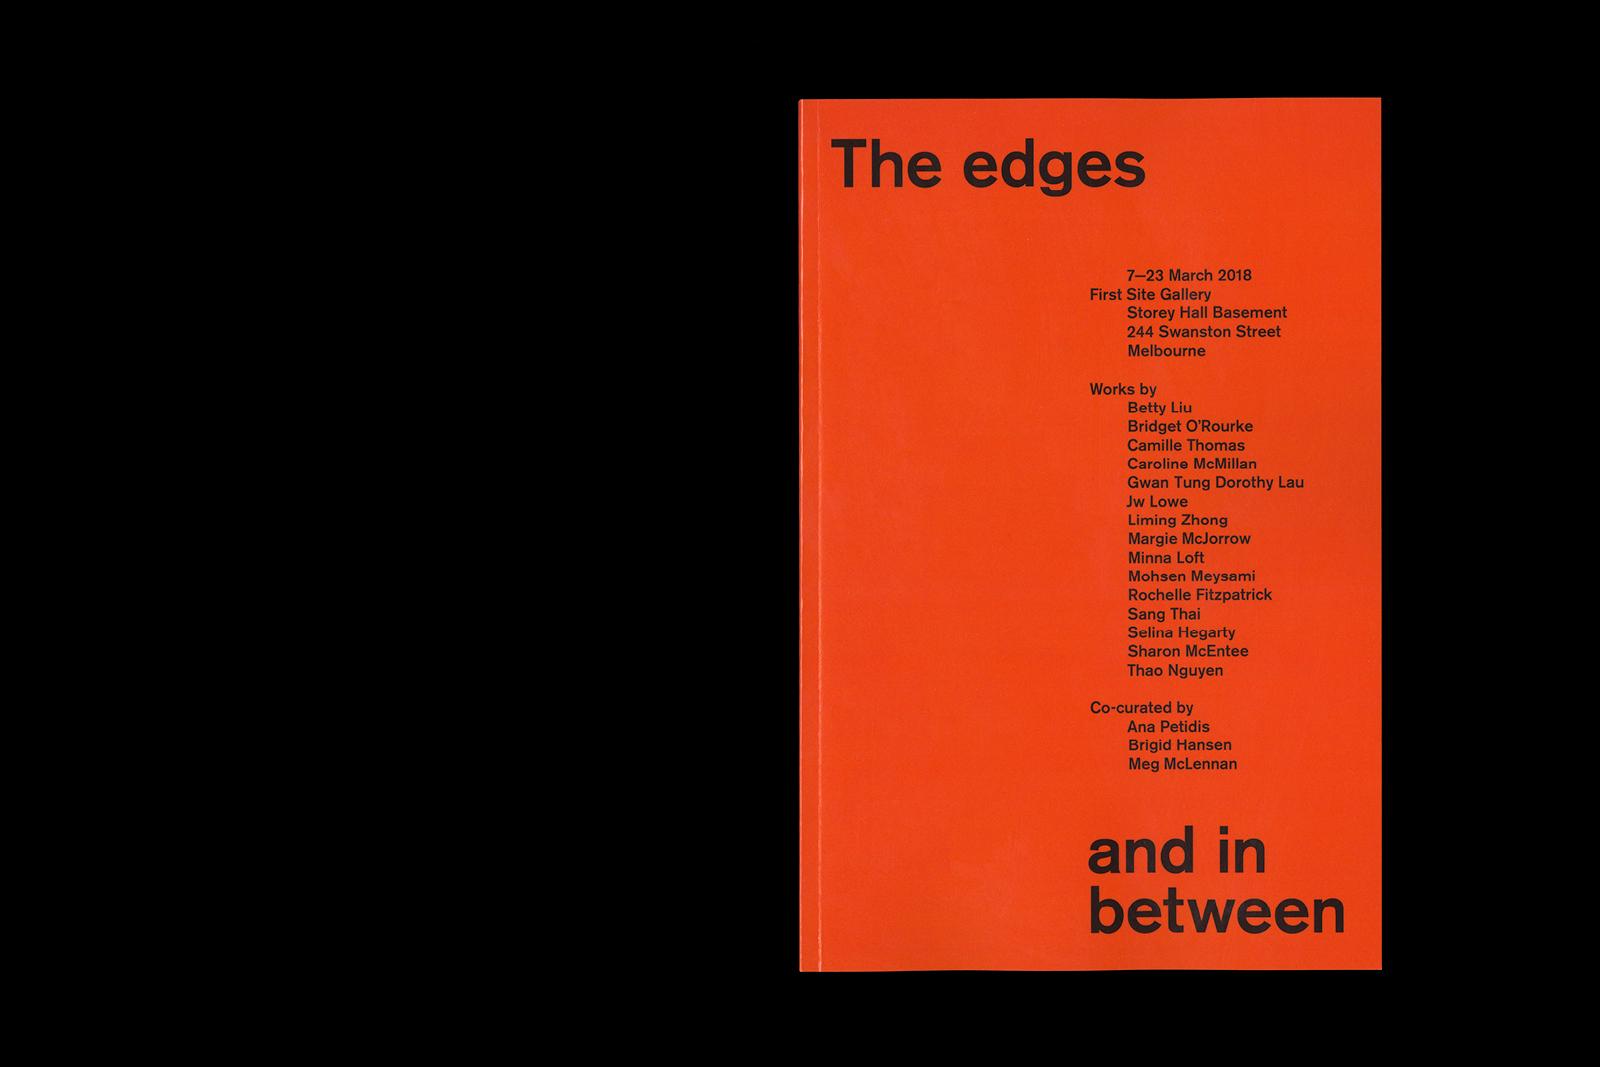 the_edges_and_inbetween_megmclennan_1.jpg